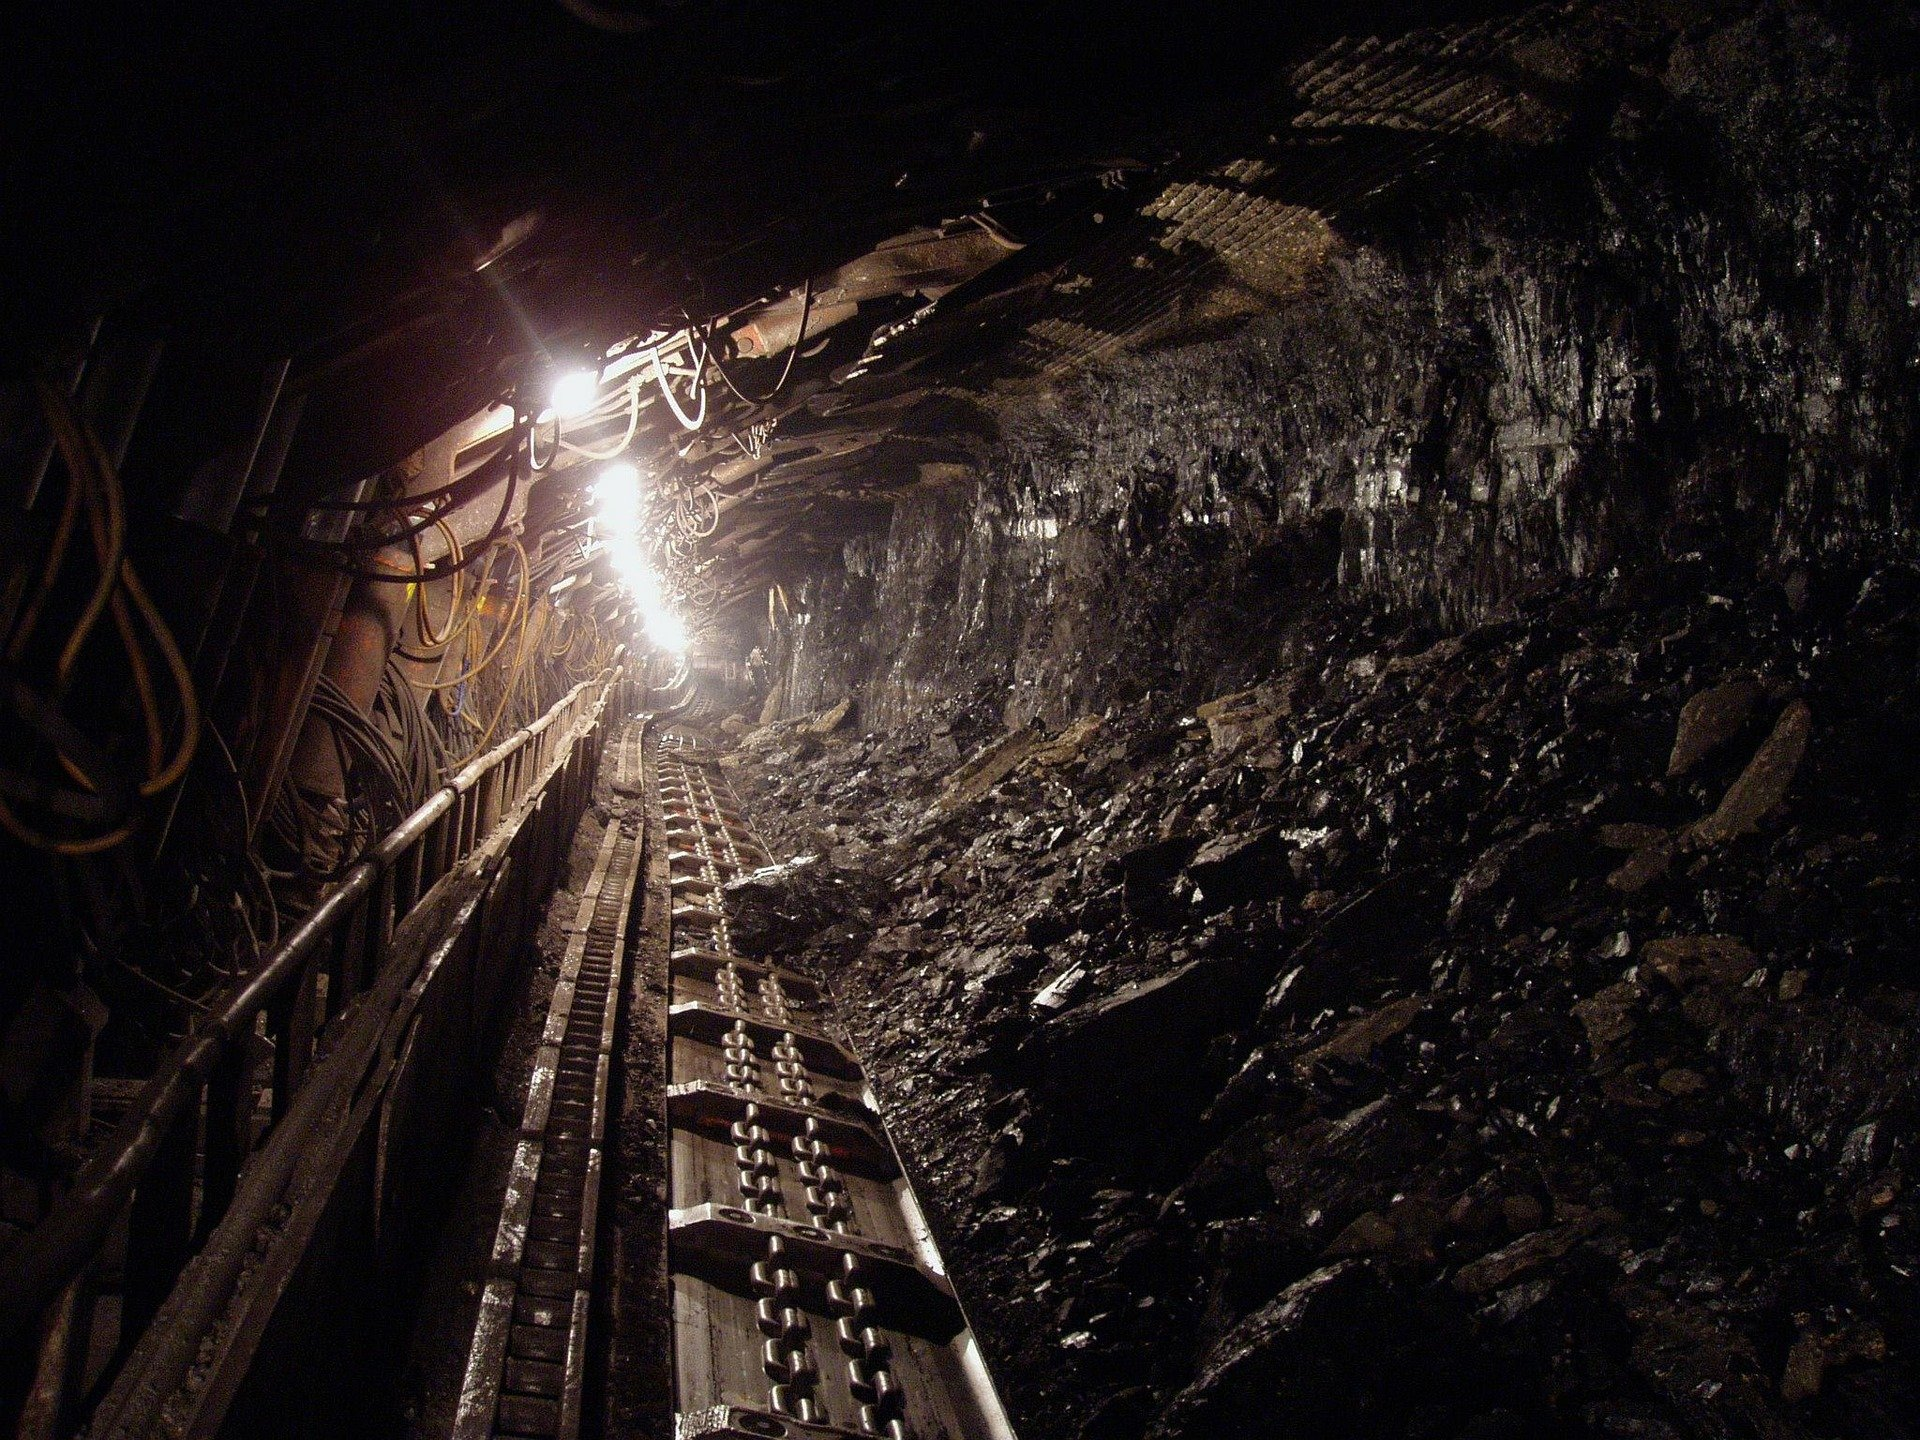 Minerale in moderata ripresa – Si arresta la caduta del coke. Rottame turco e nickel in assestamento, euro sempre debole. Frena il petrolio